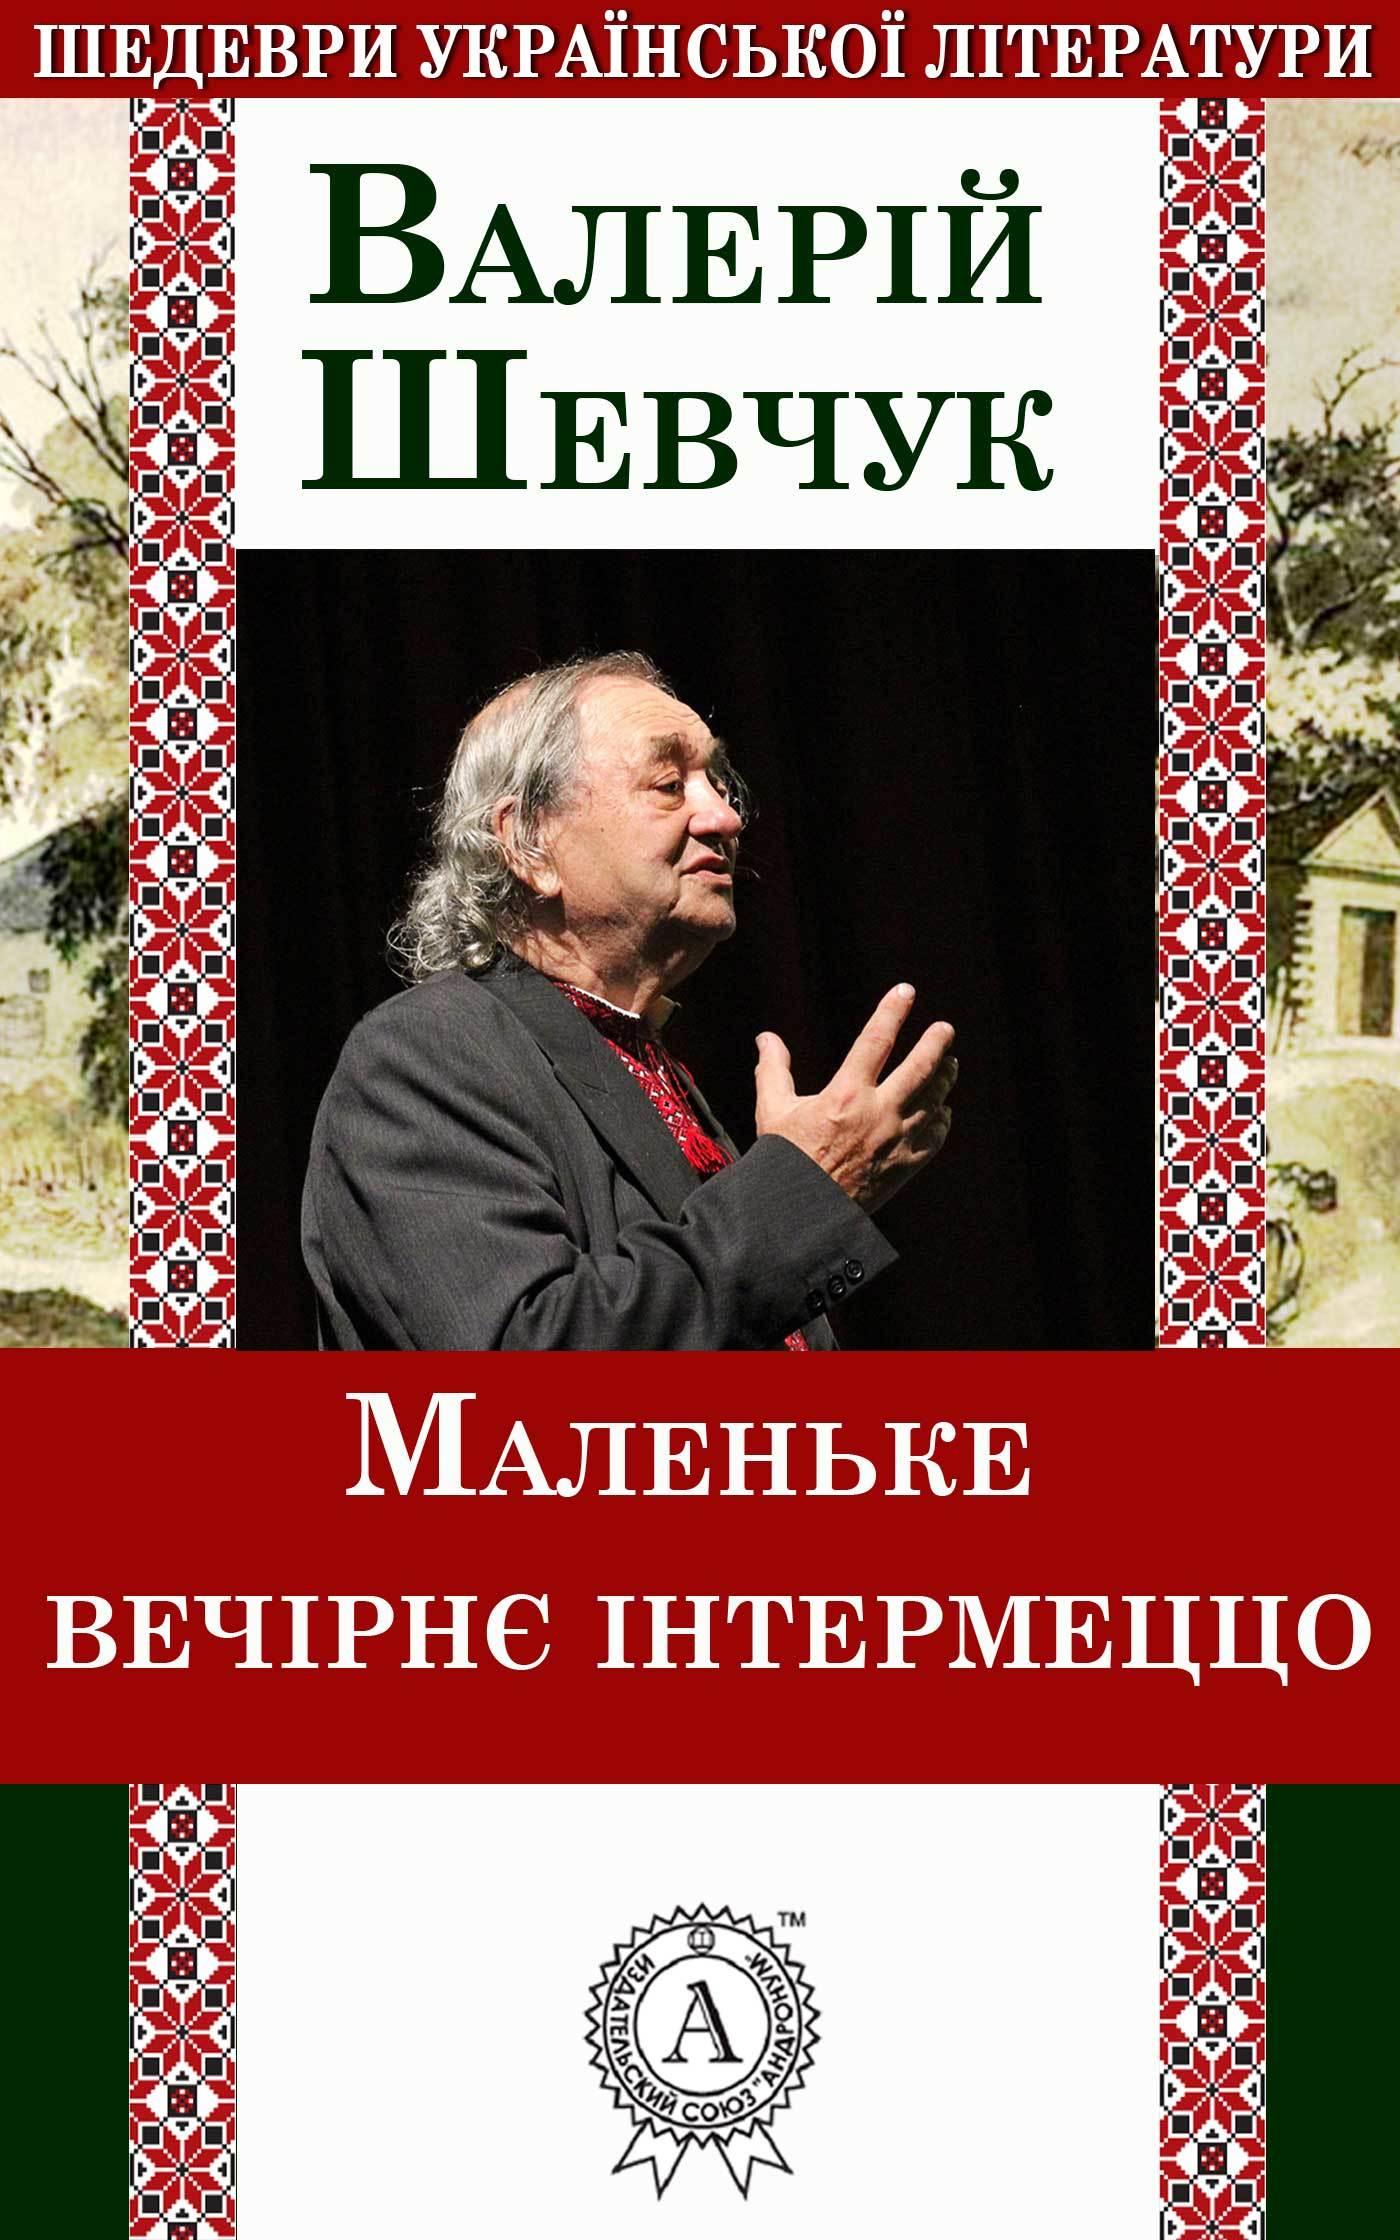 цены Валерій Шевчук Маленьке вечірнє інтермеццо